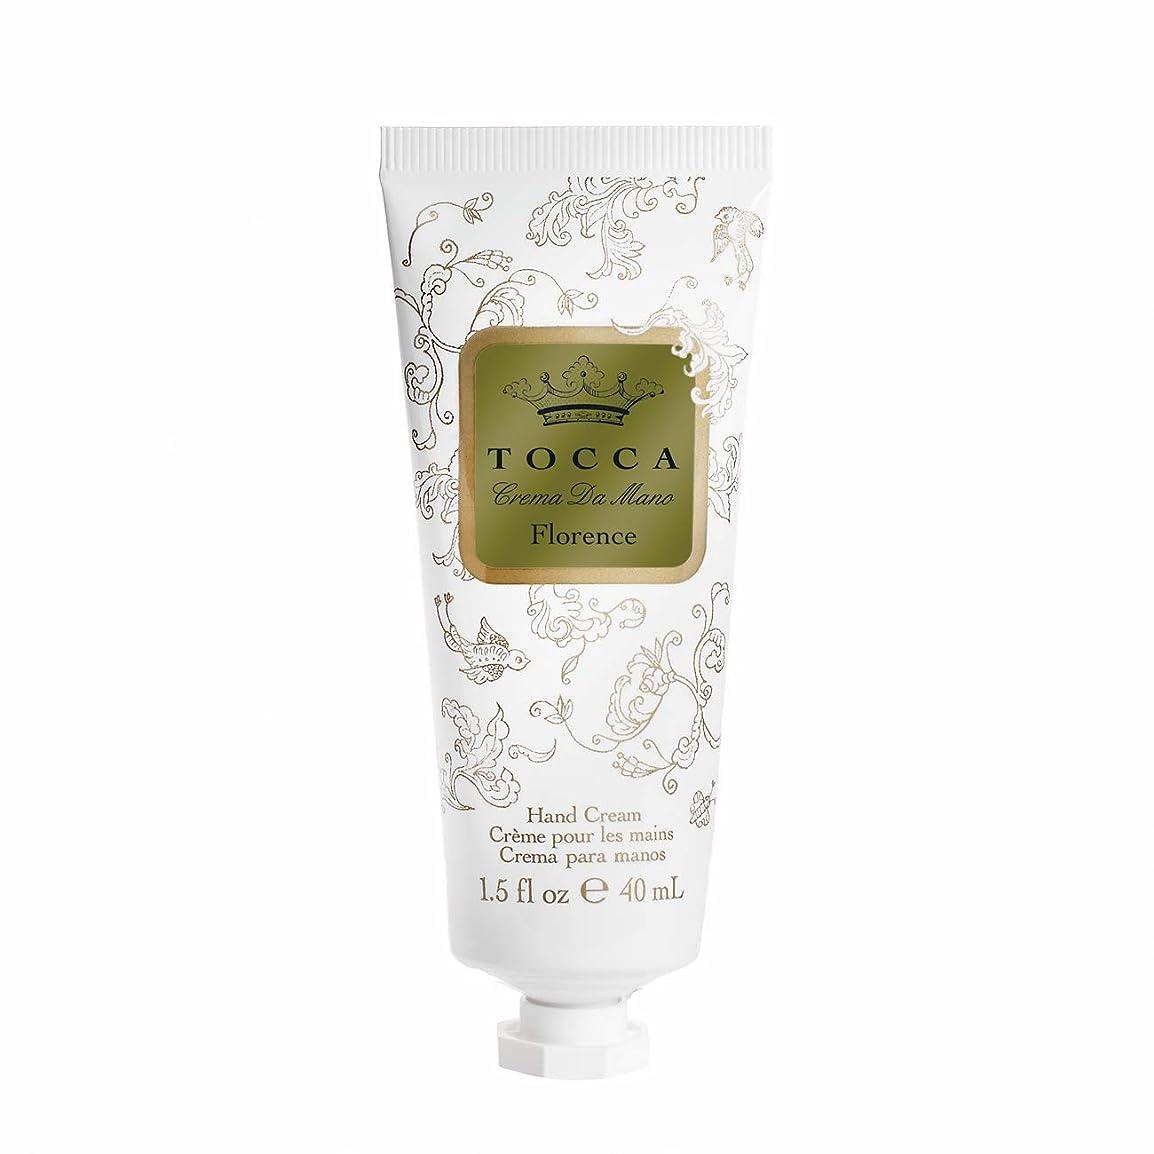 生むマニフェストによるとトッカ(TOCCA) ハンドクリーム フローレンスの香り 40mL (ガーデニアとベルガモットが誘うように溶け合うどこまでも上品なフローラルの香り)